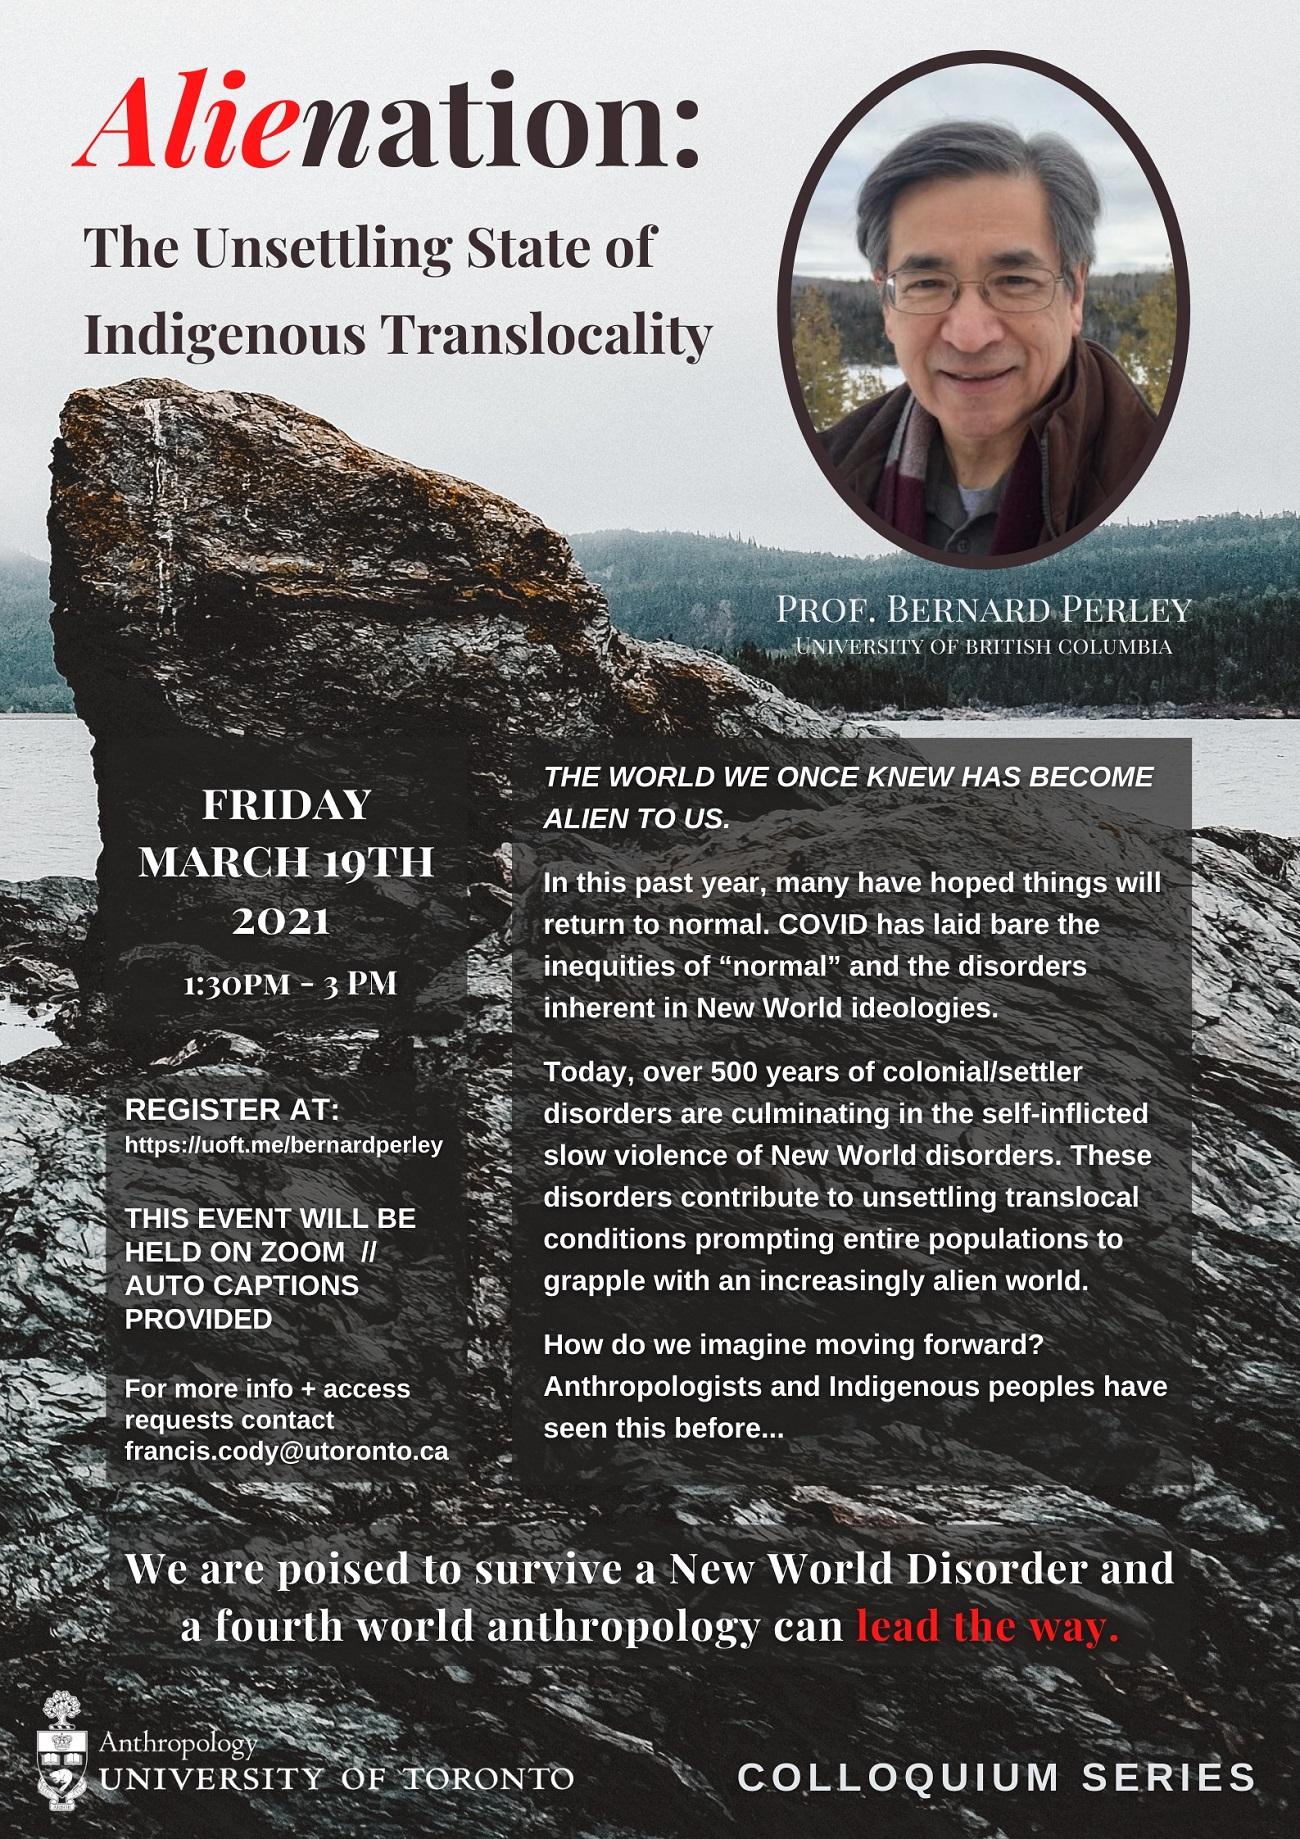 Poster Featuring Professor Bernard Perley